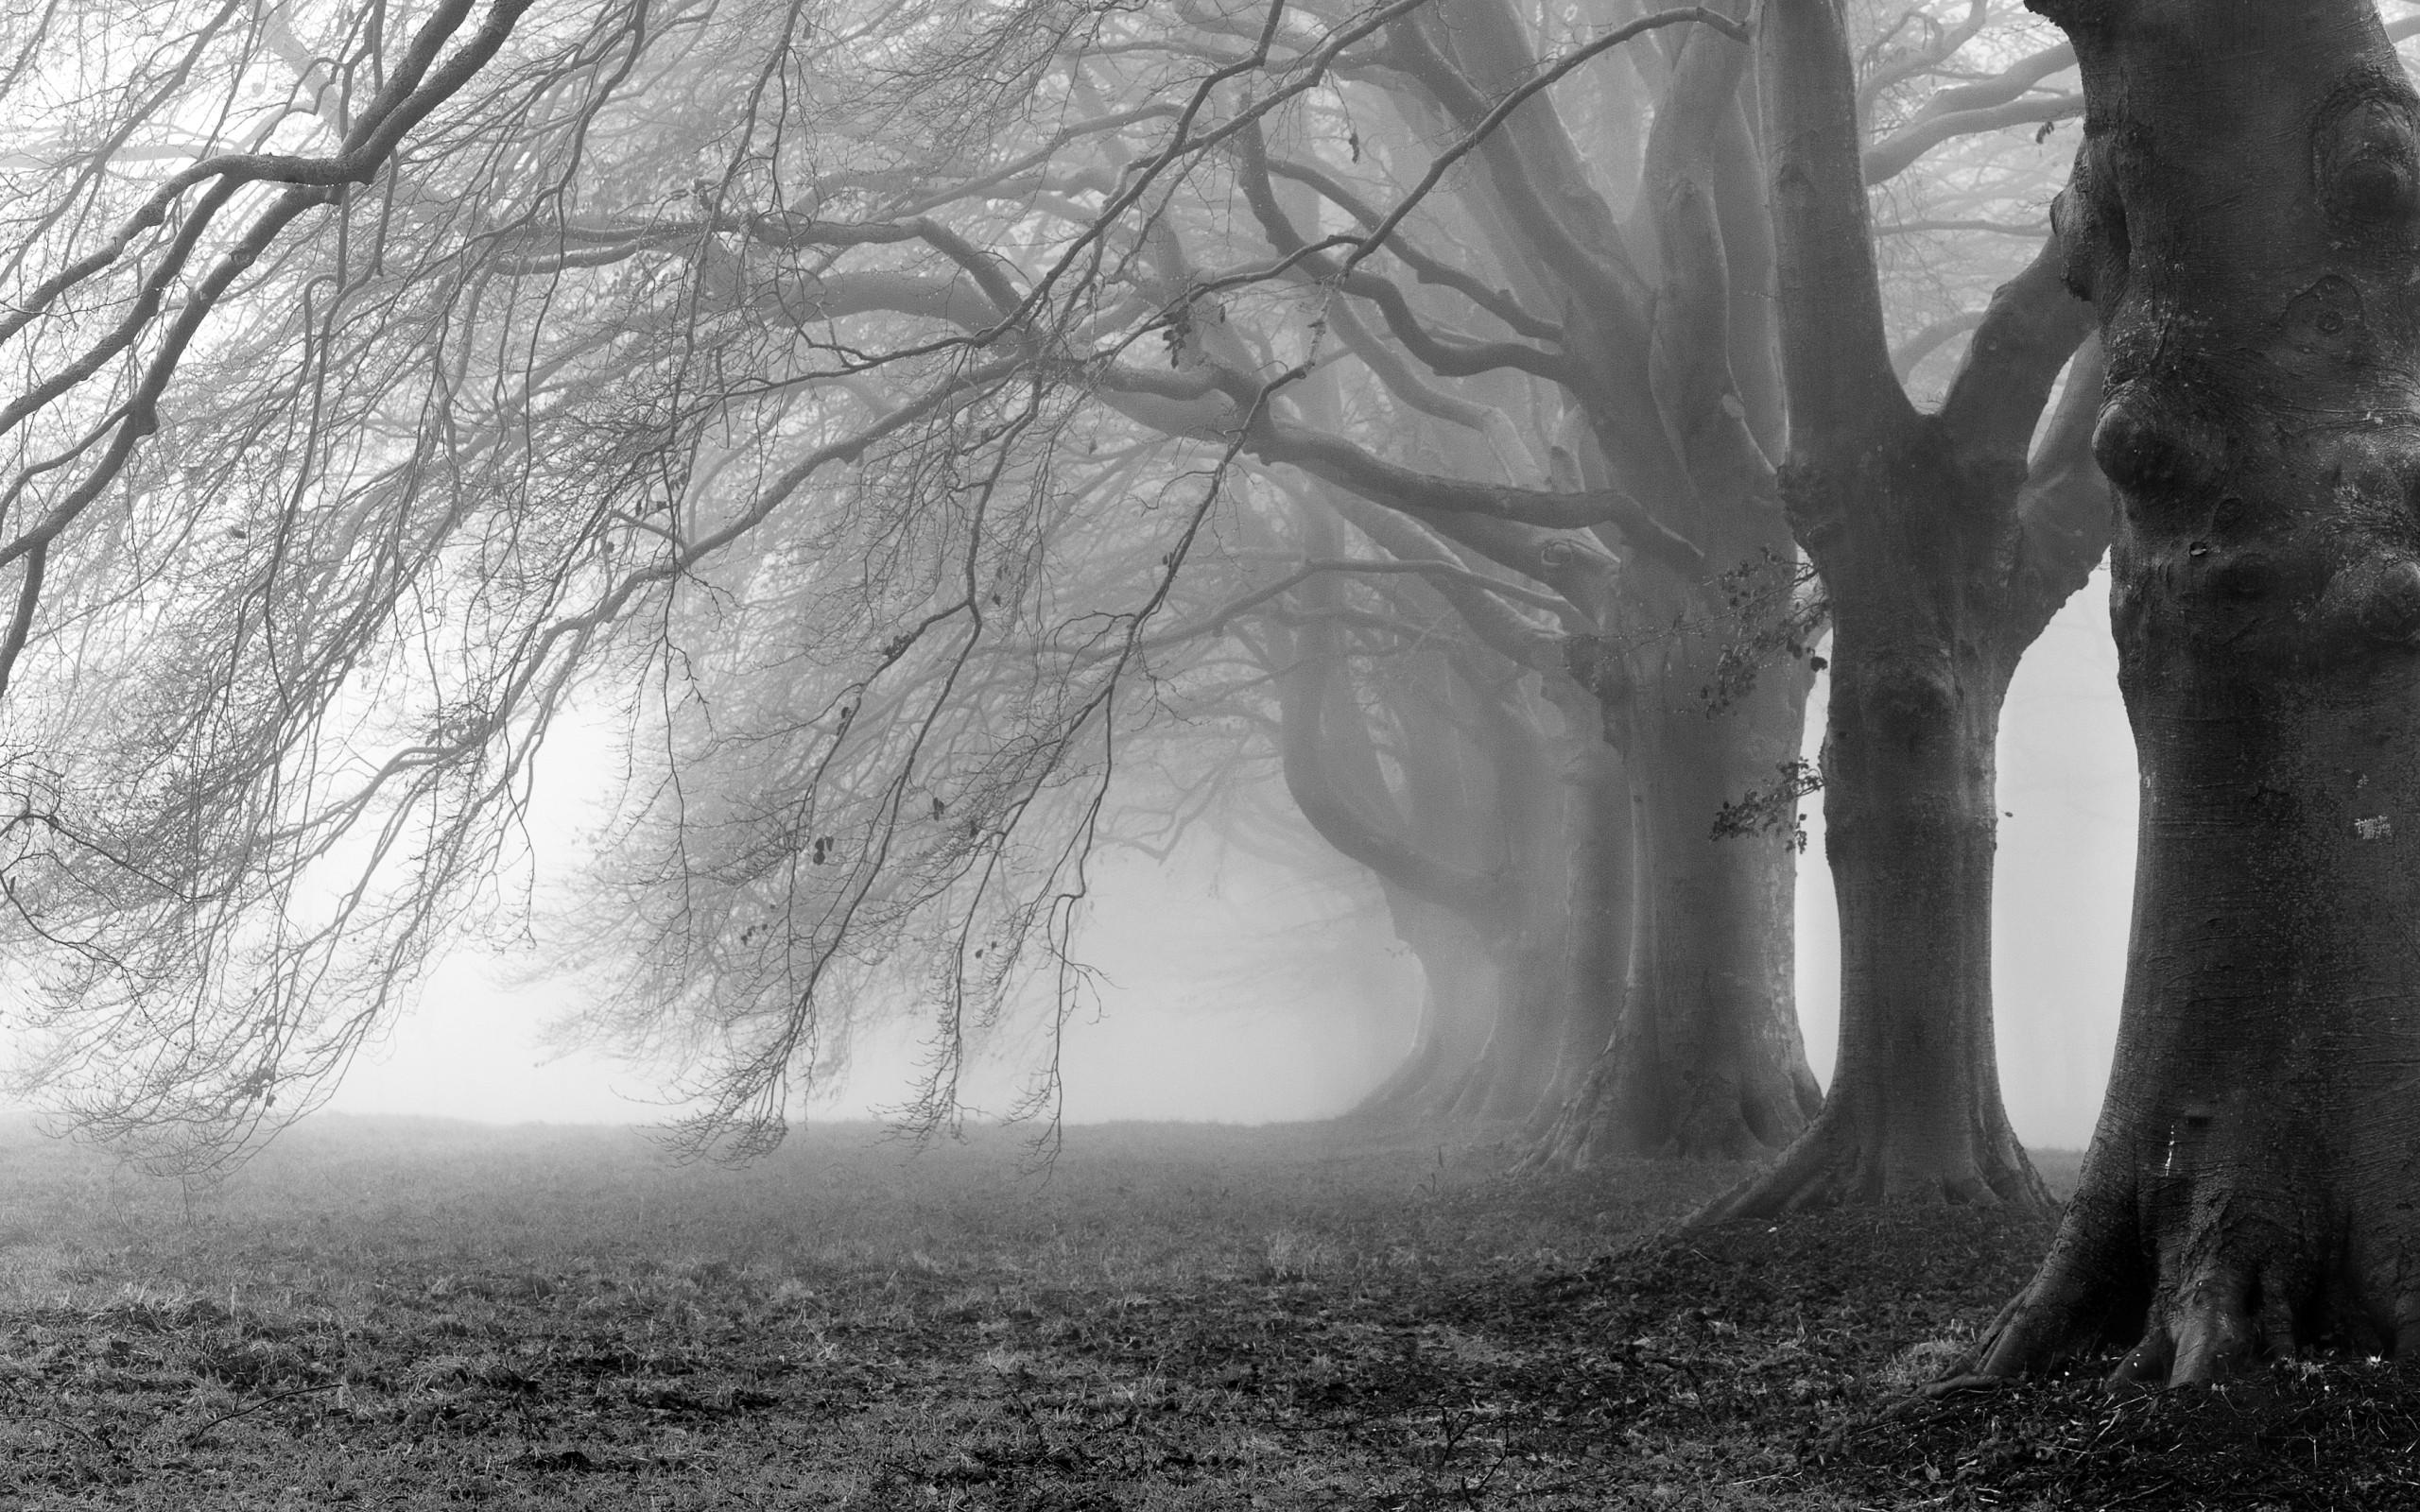 Mist Images